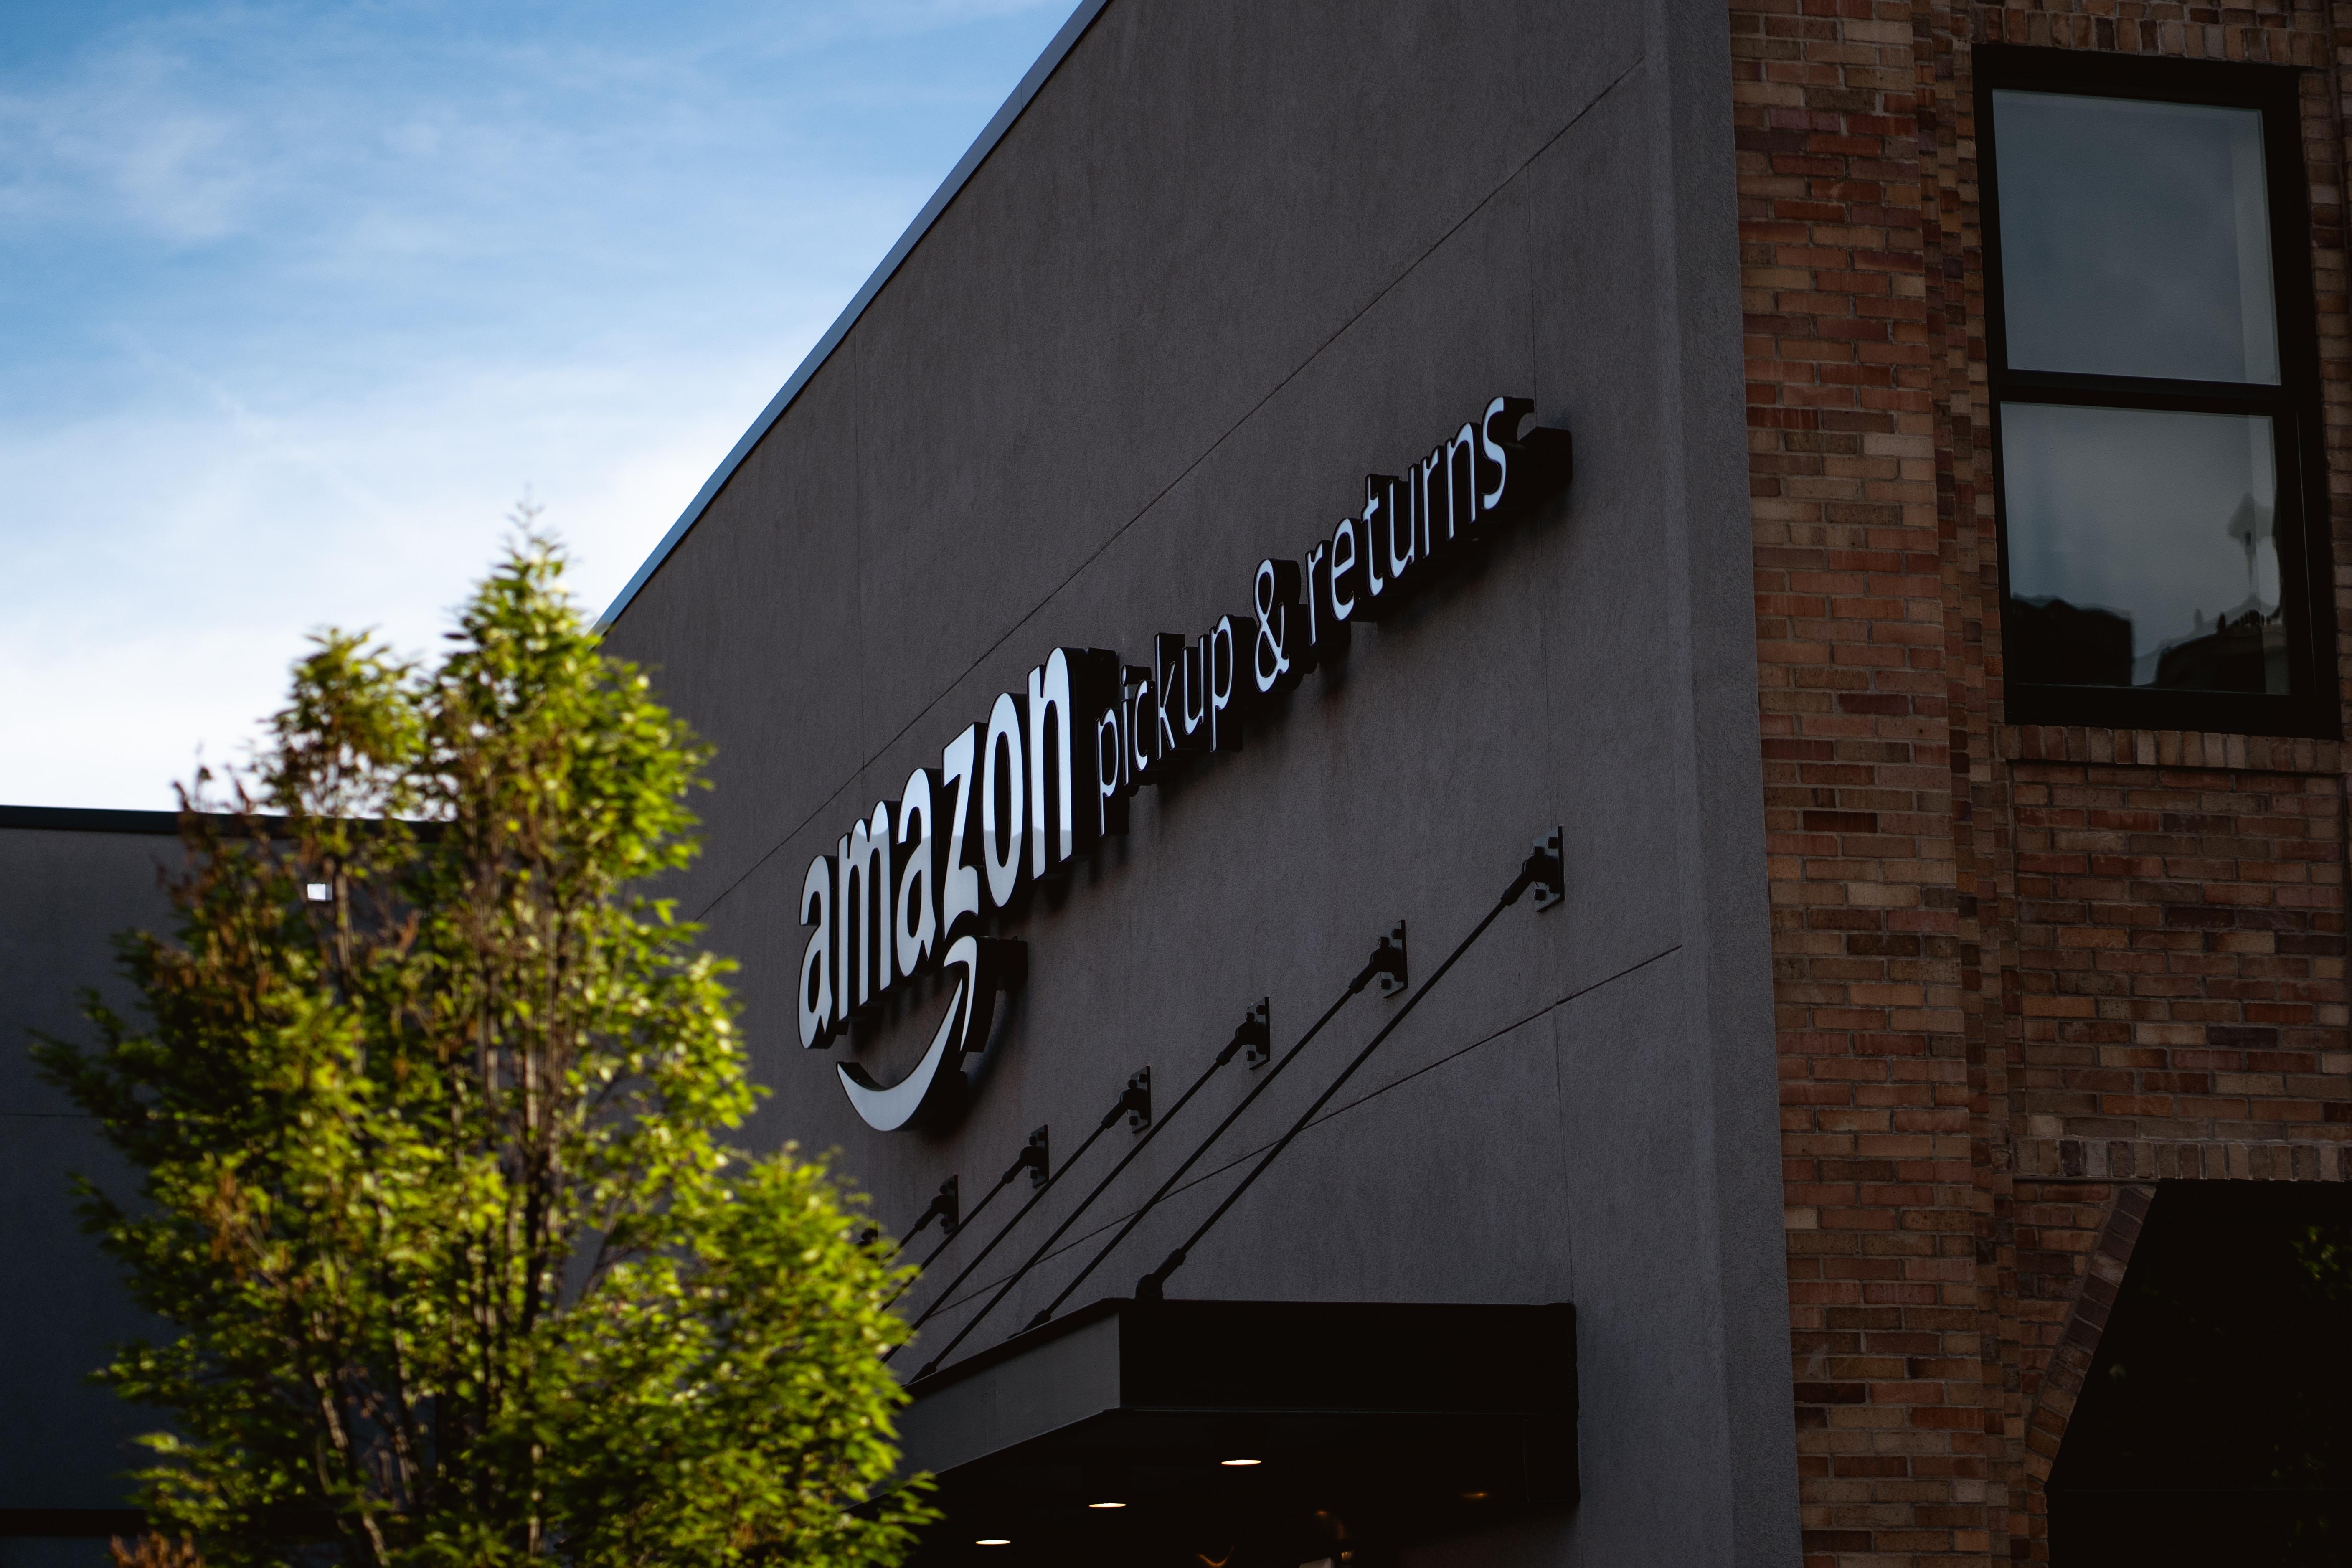 Black Friday: Aktivisten blockieren Amazon-Lagerhaus